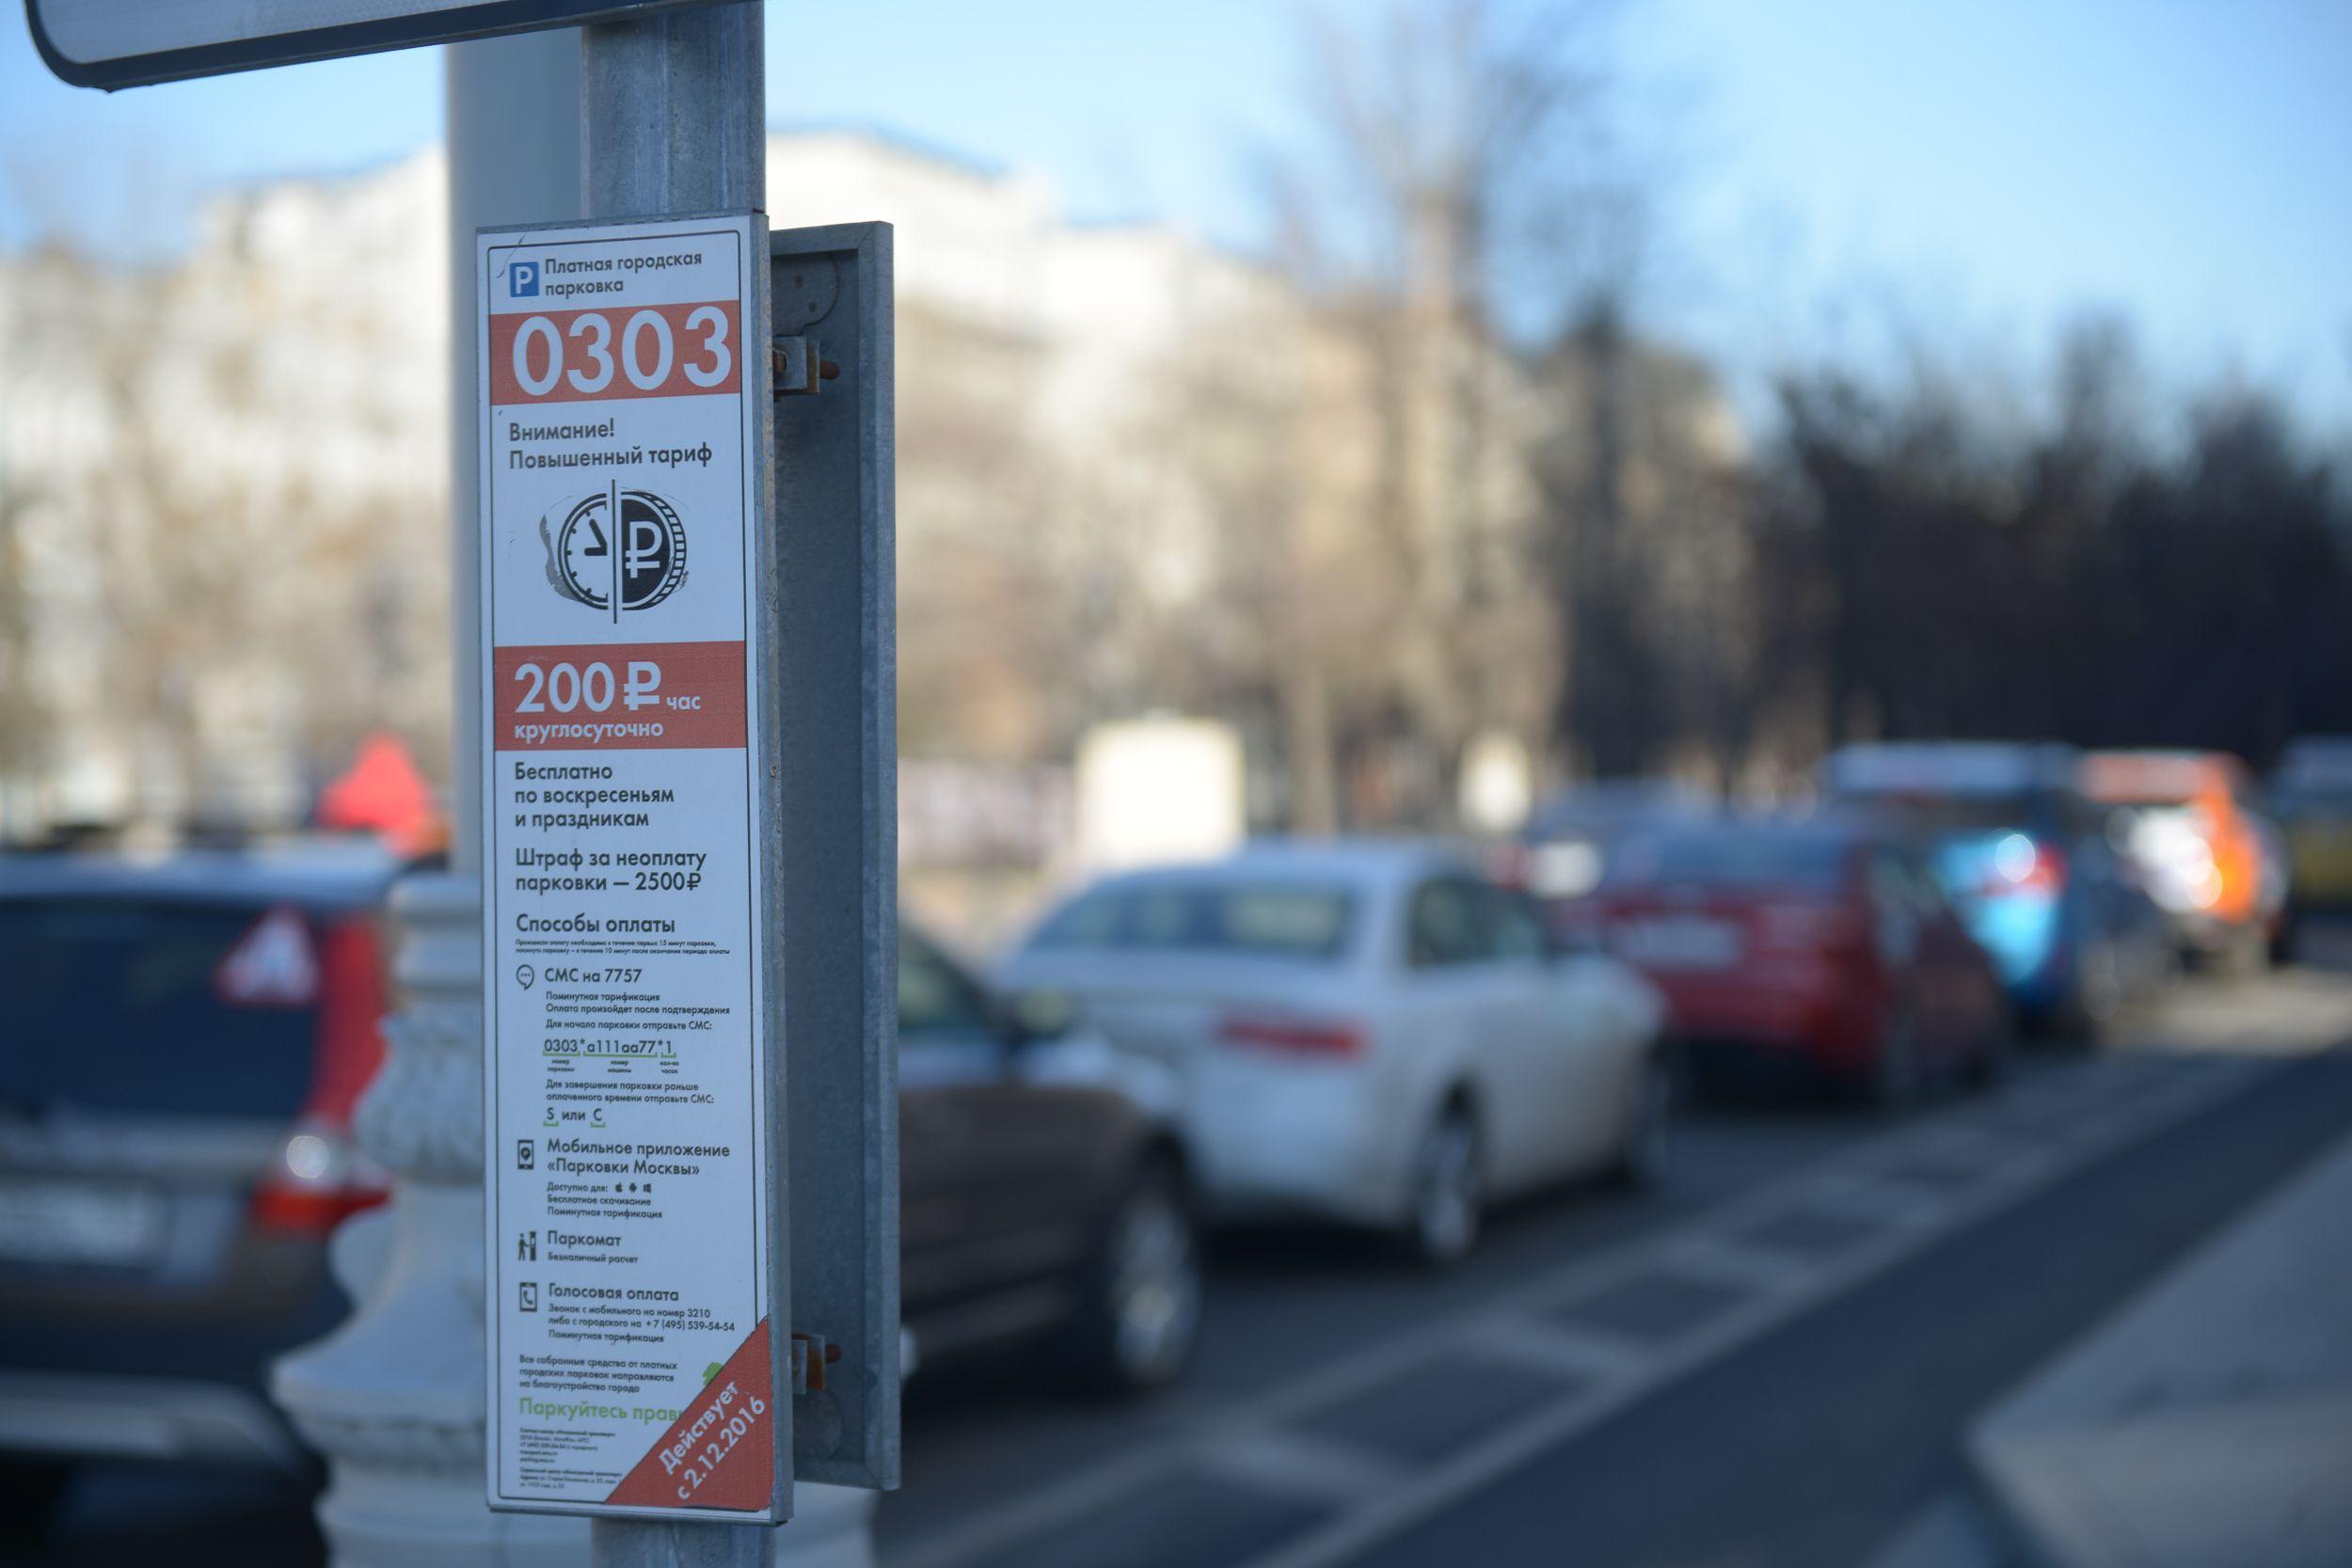 Парковка в Москве станет бесплатной для врачей